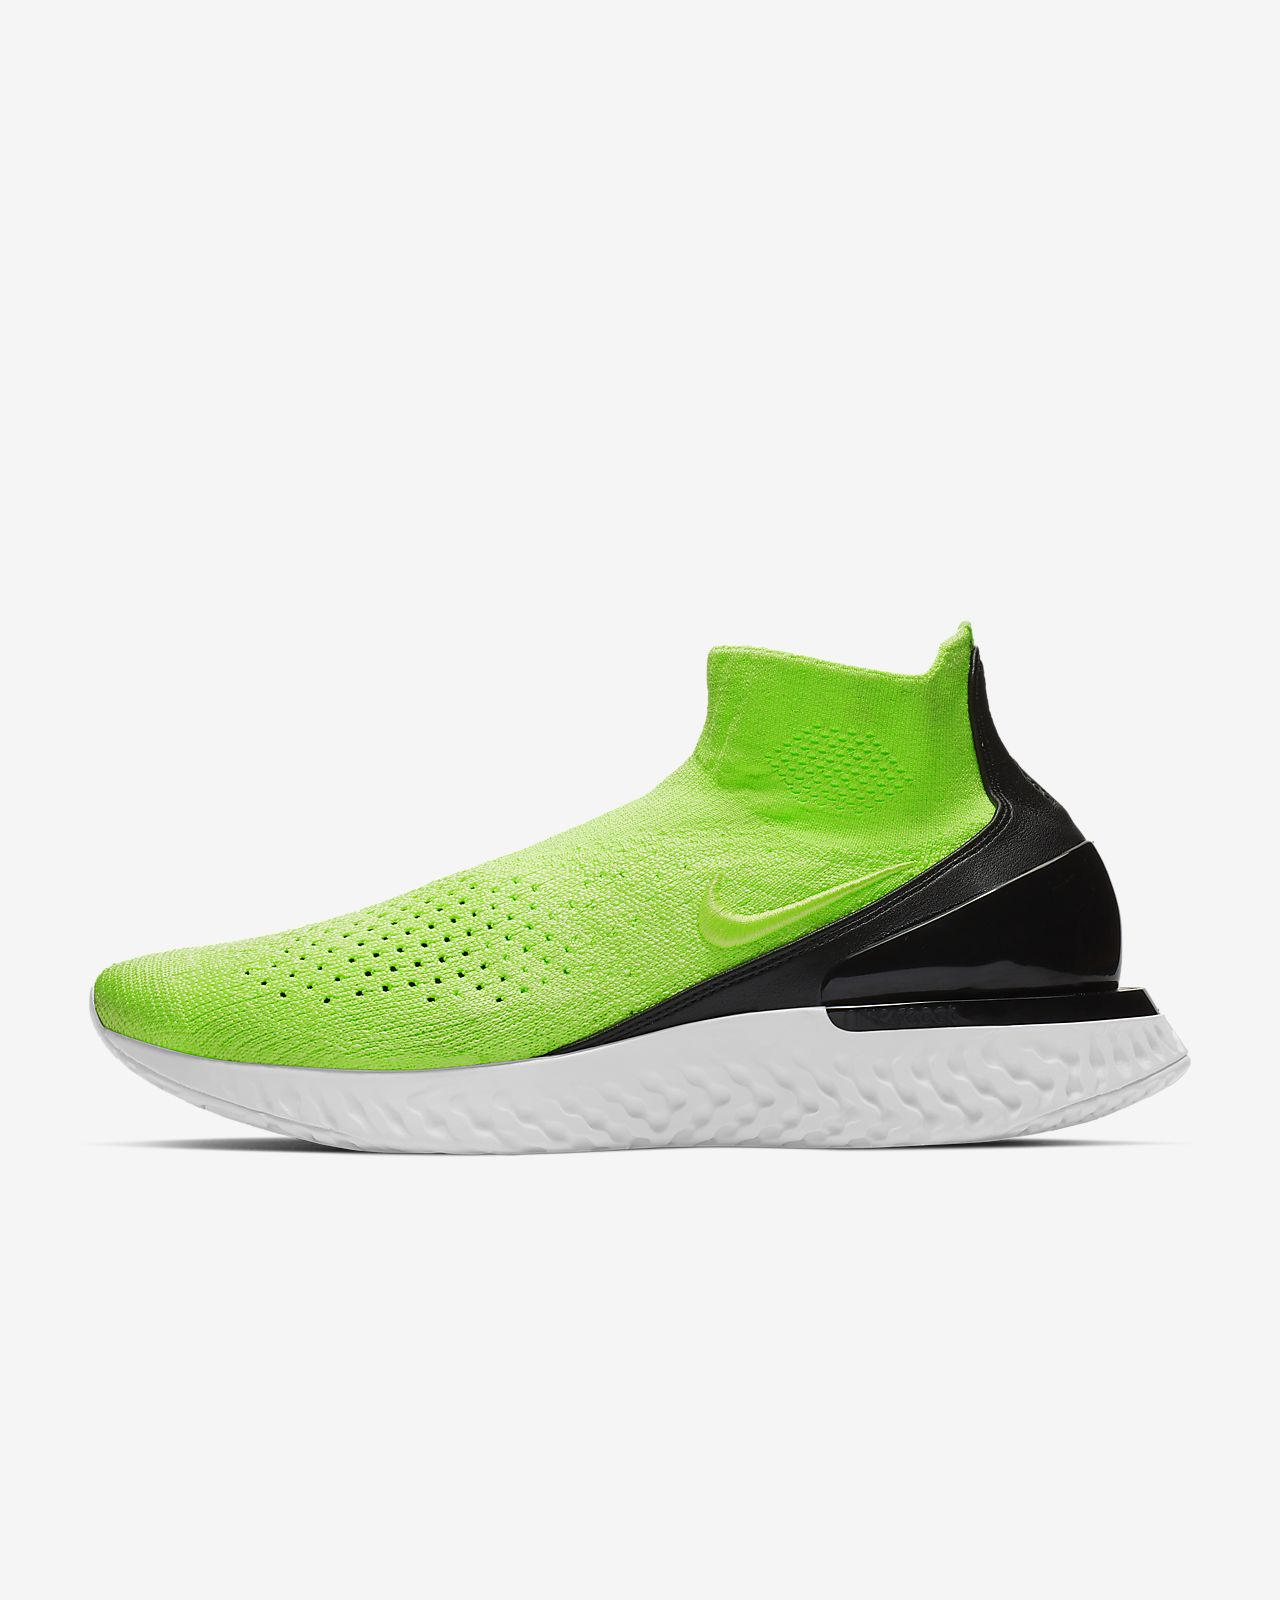 Παπούτσι για τρέξιμο Nike Rise React Flyknit